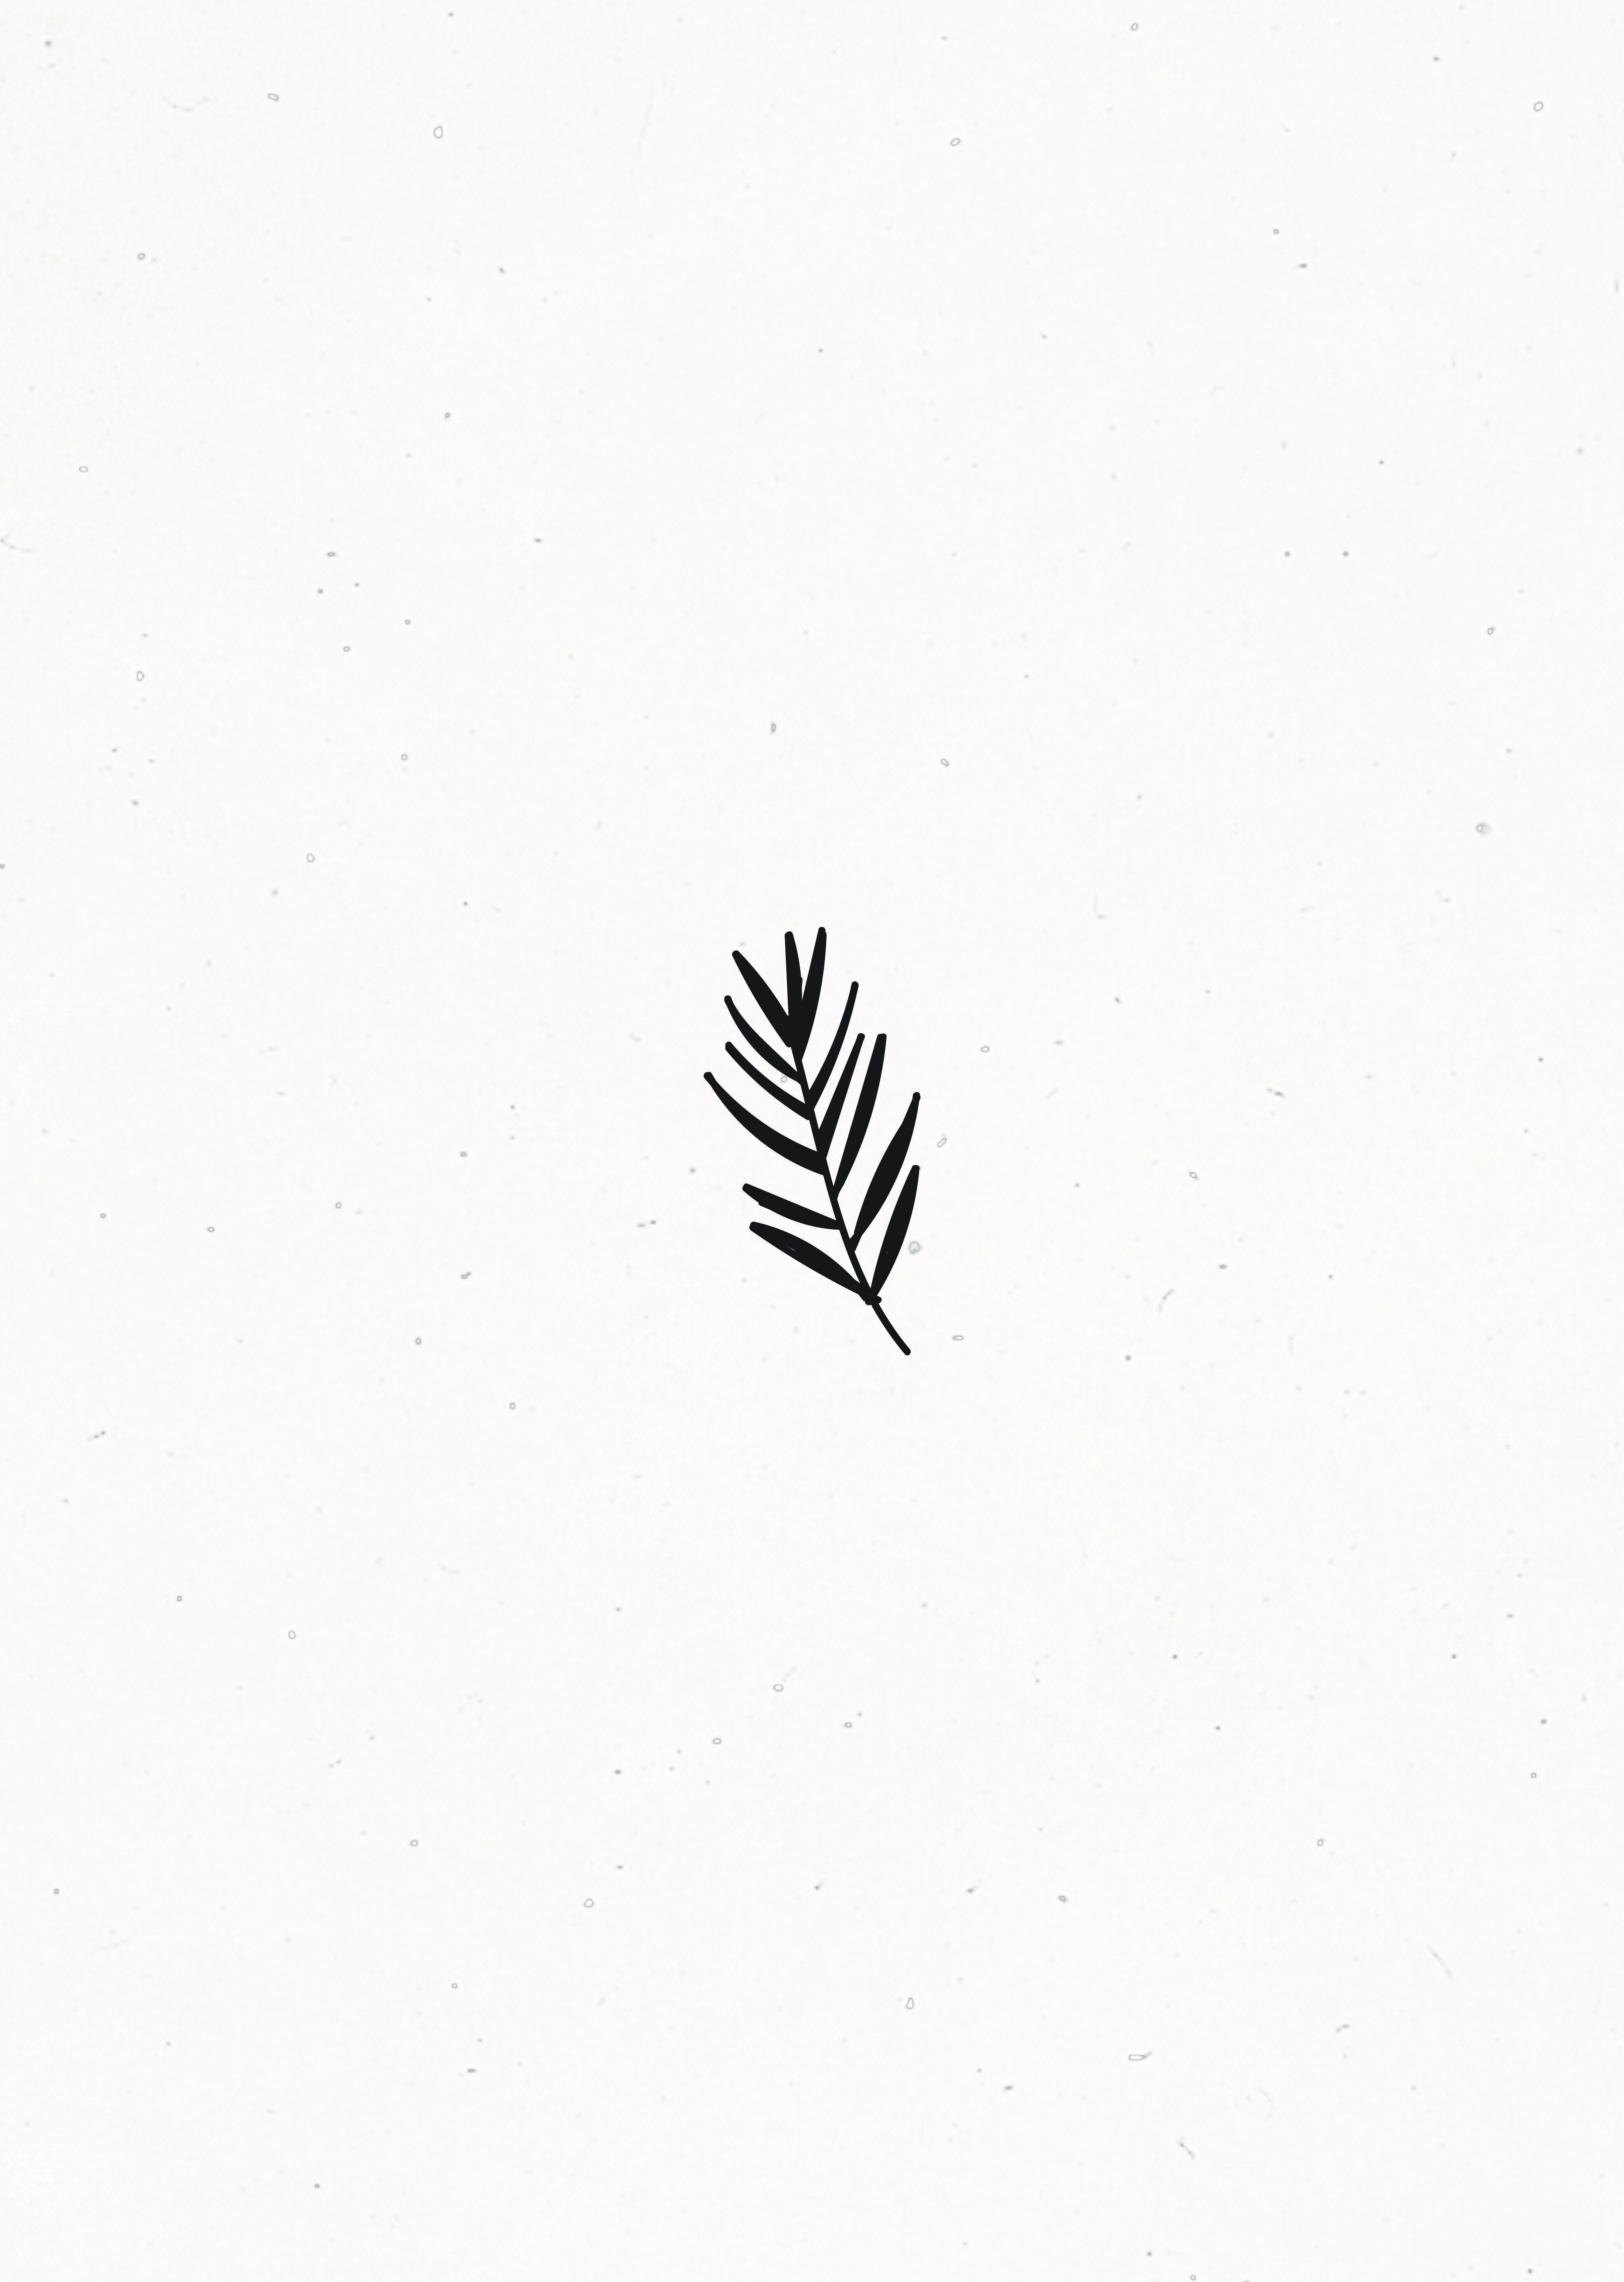 Minimalist Simple Leaf Tattoo: Leaves Doodle, Minimalist Drawing, Doodle Tattoo